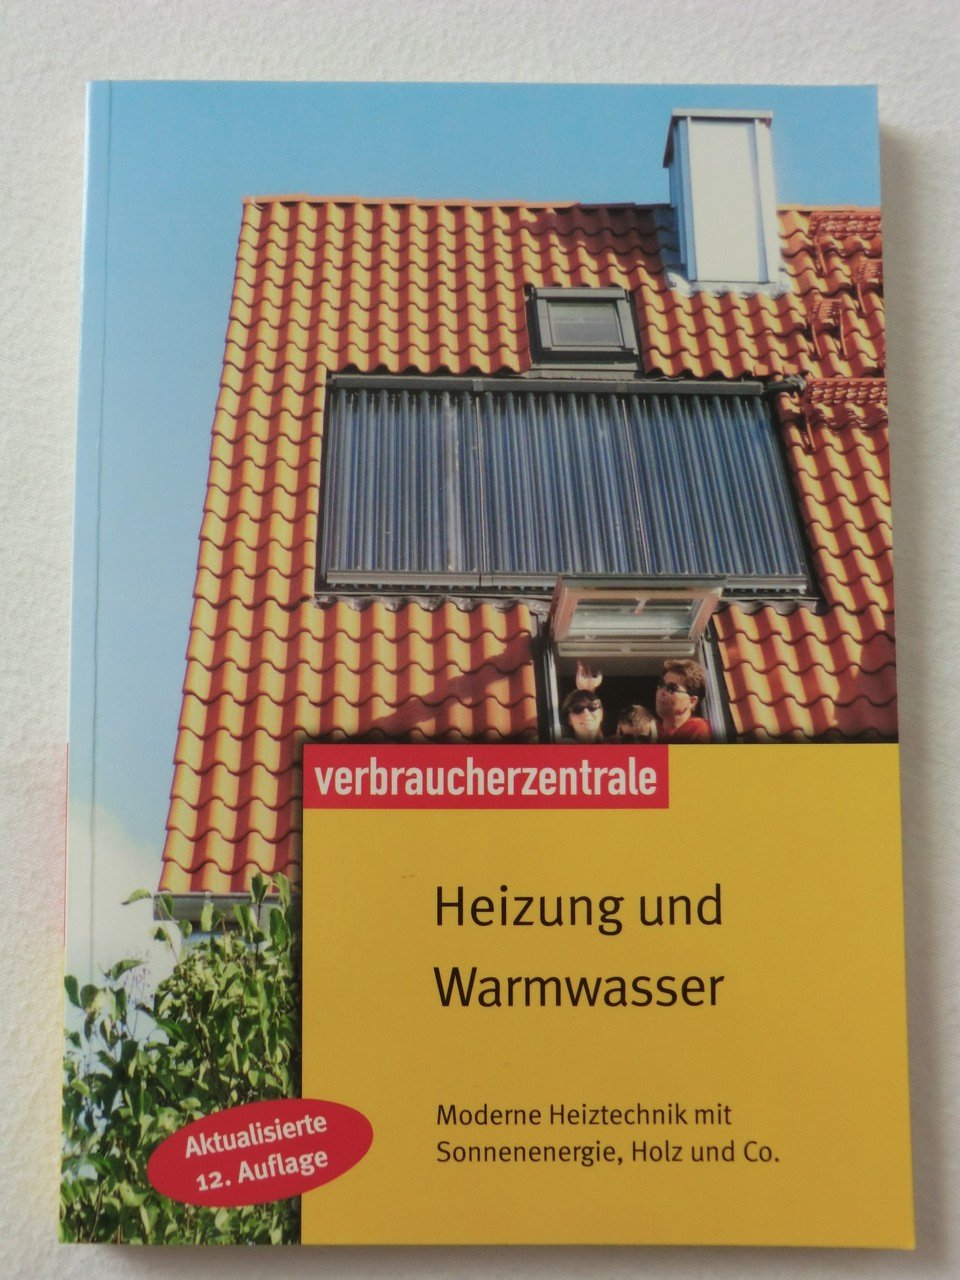 heizung und warmwasser moderne heiztechnik mit sonnenenergie hubert westk mper buch. Black Bedroom Furniture Sets. Home Design Ideas